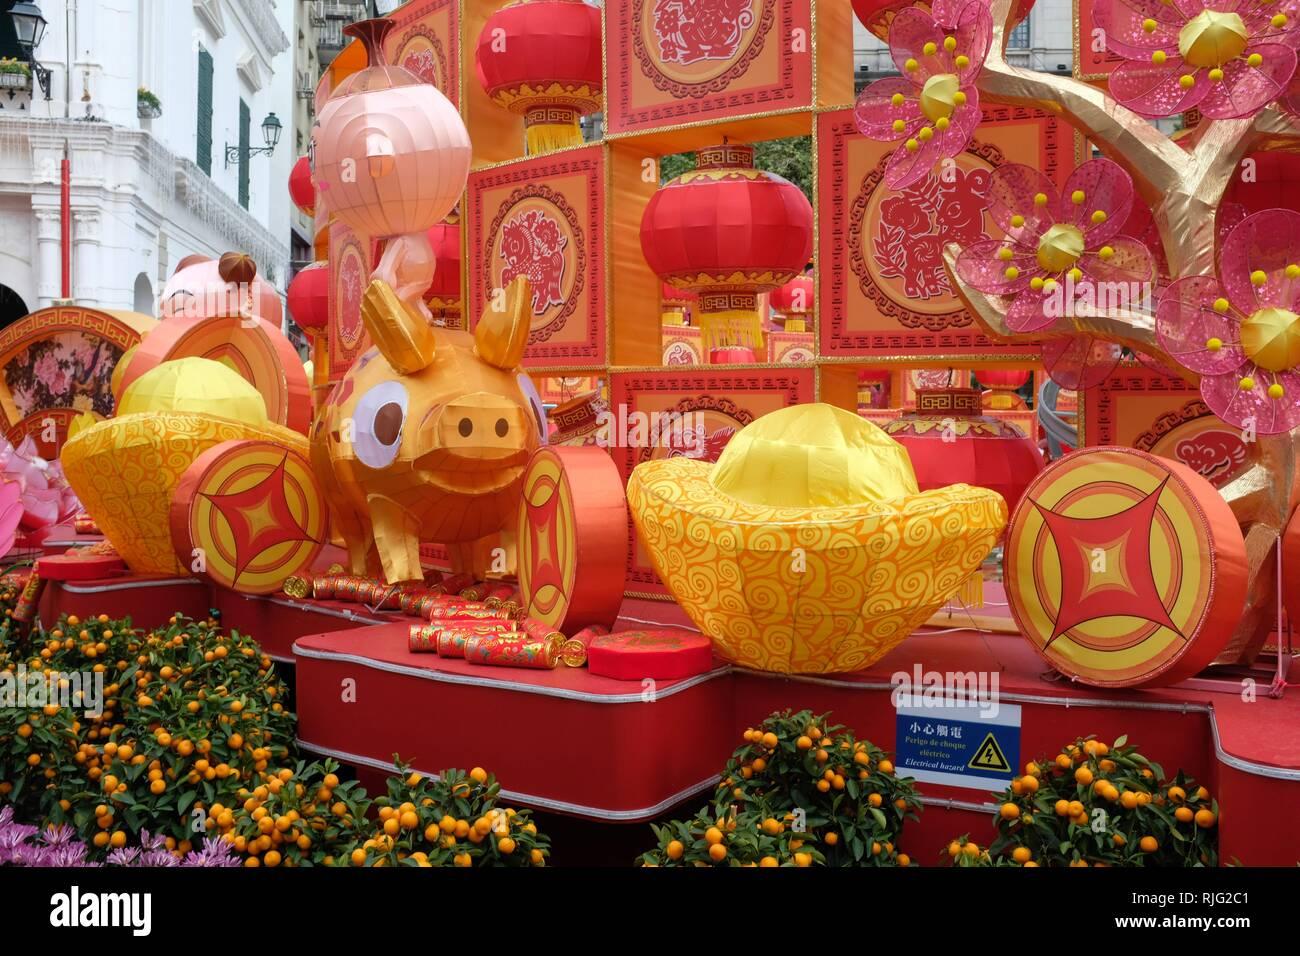 Macau SAR, Cina. 6 febbraio 2019. Nuovo anno lunare cinese decorazioni in Piazza del Senato Immagini Stock